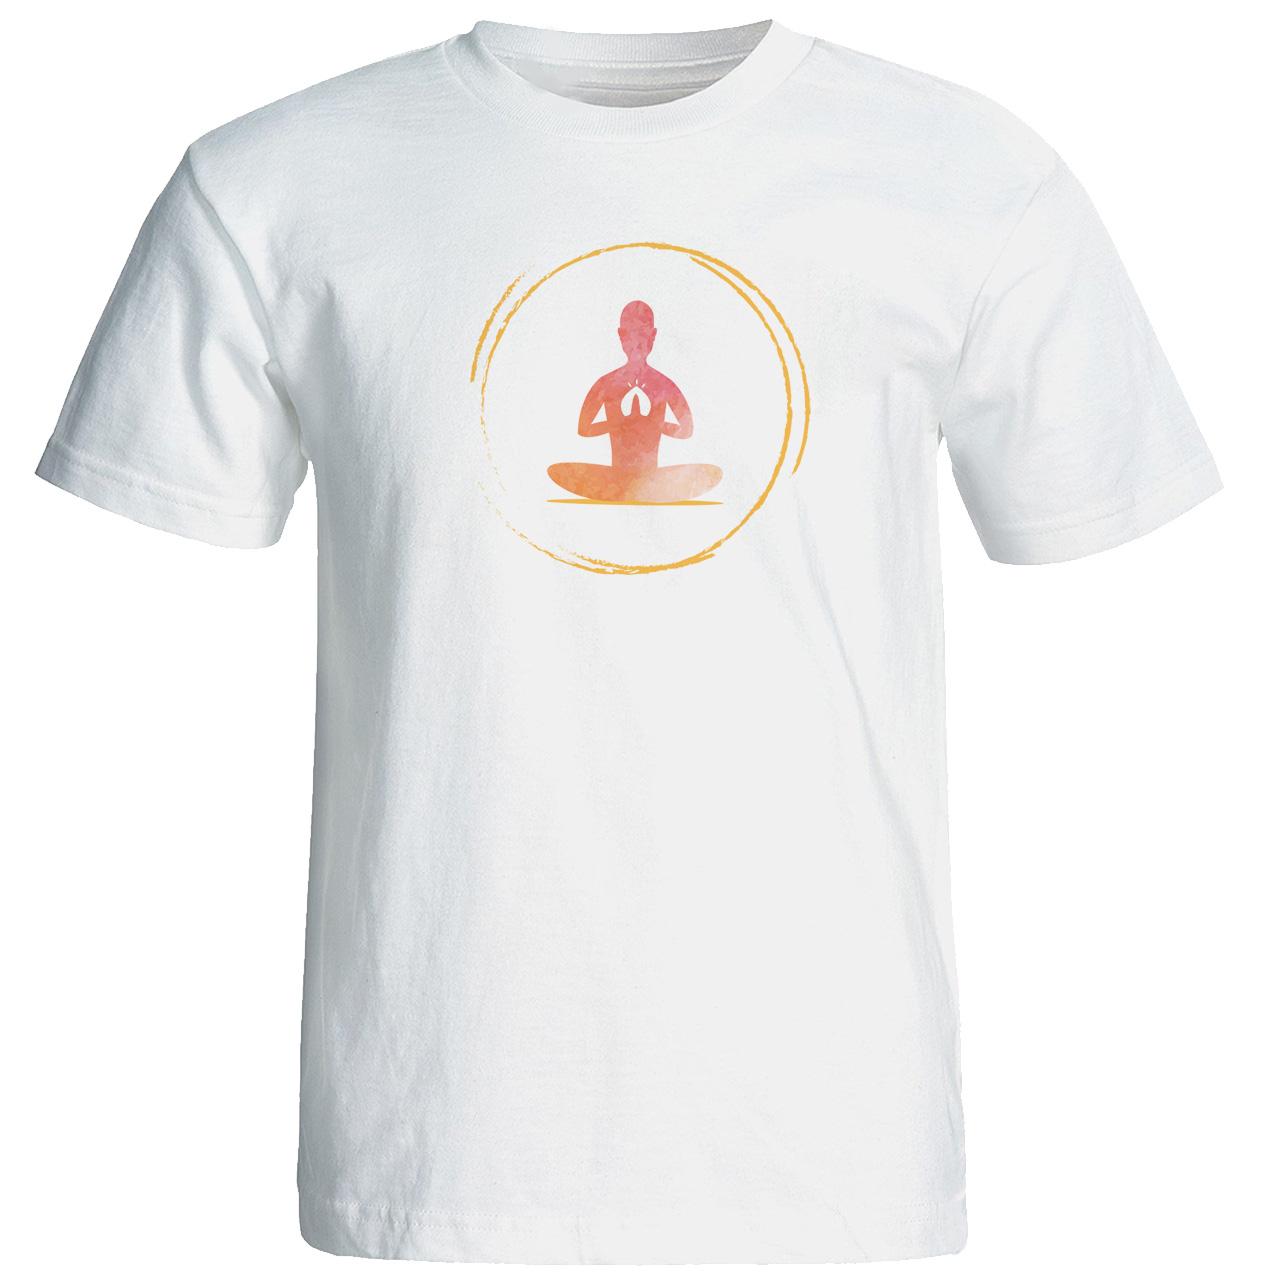 تی شرت  زنانه طرح یوگا کد 12883